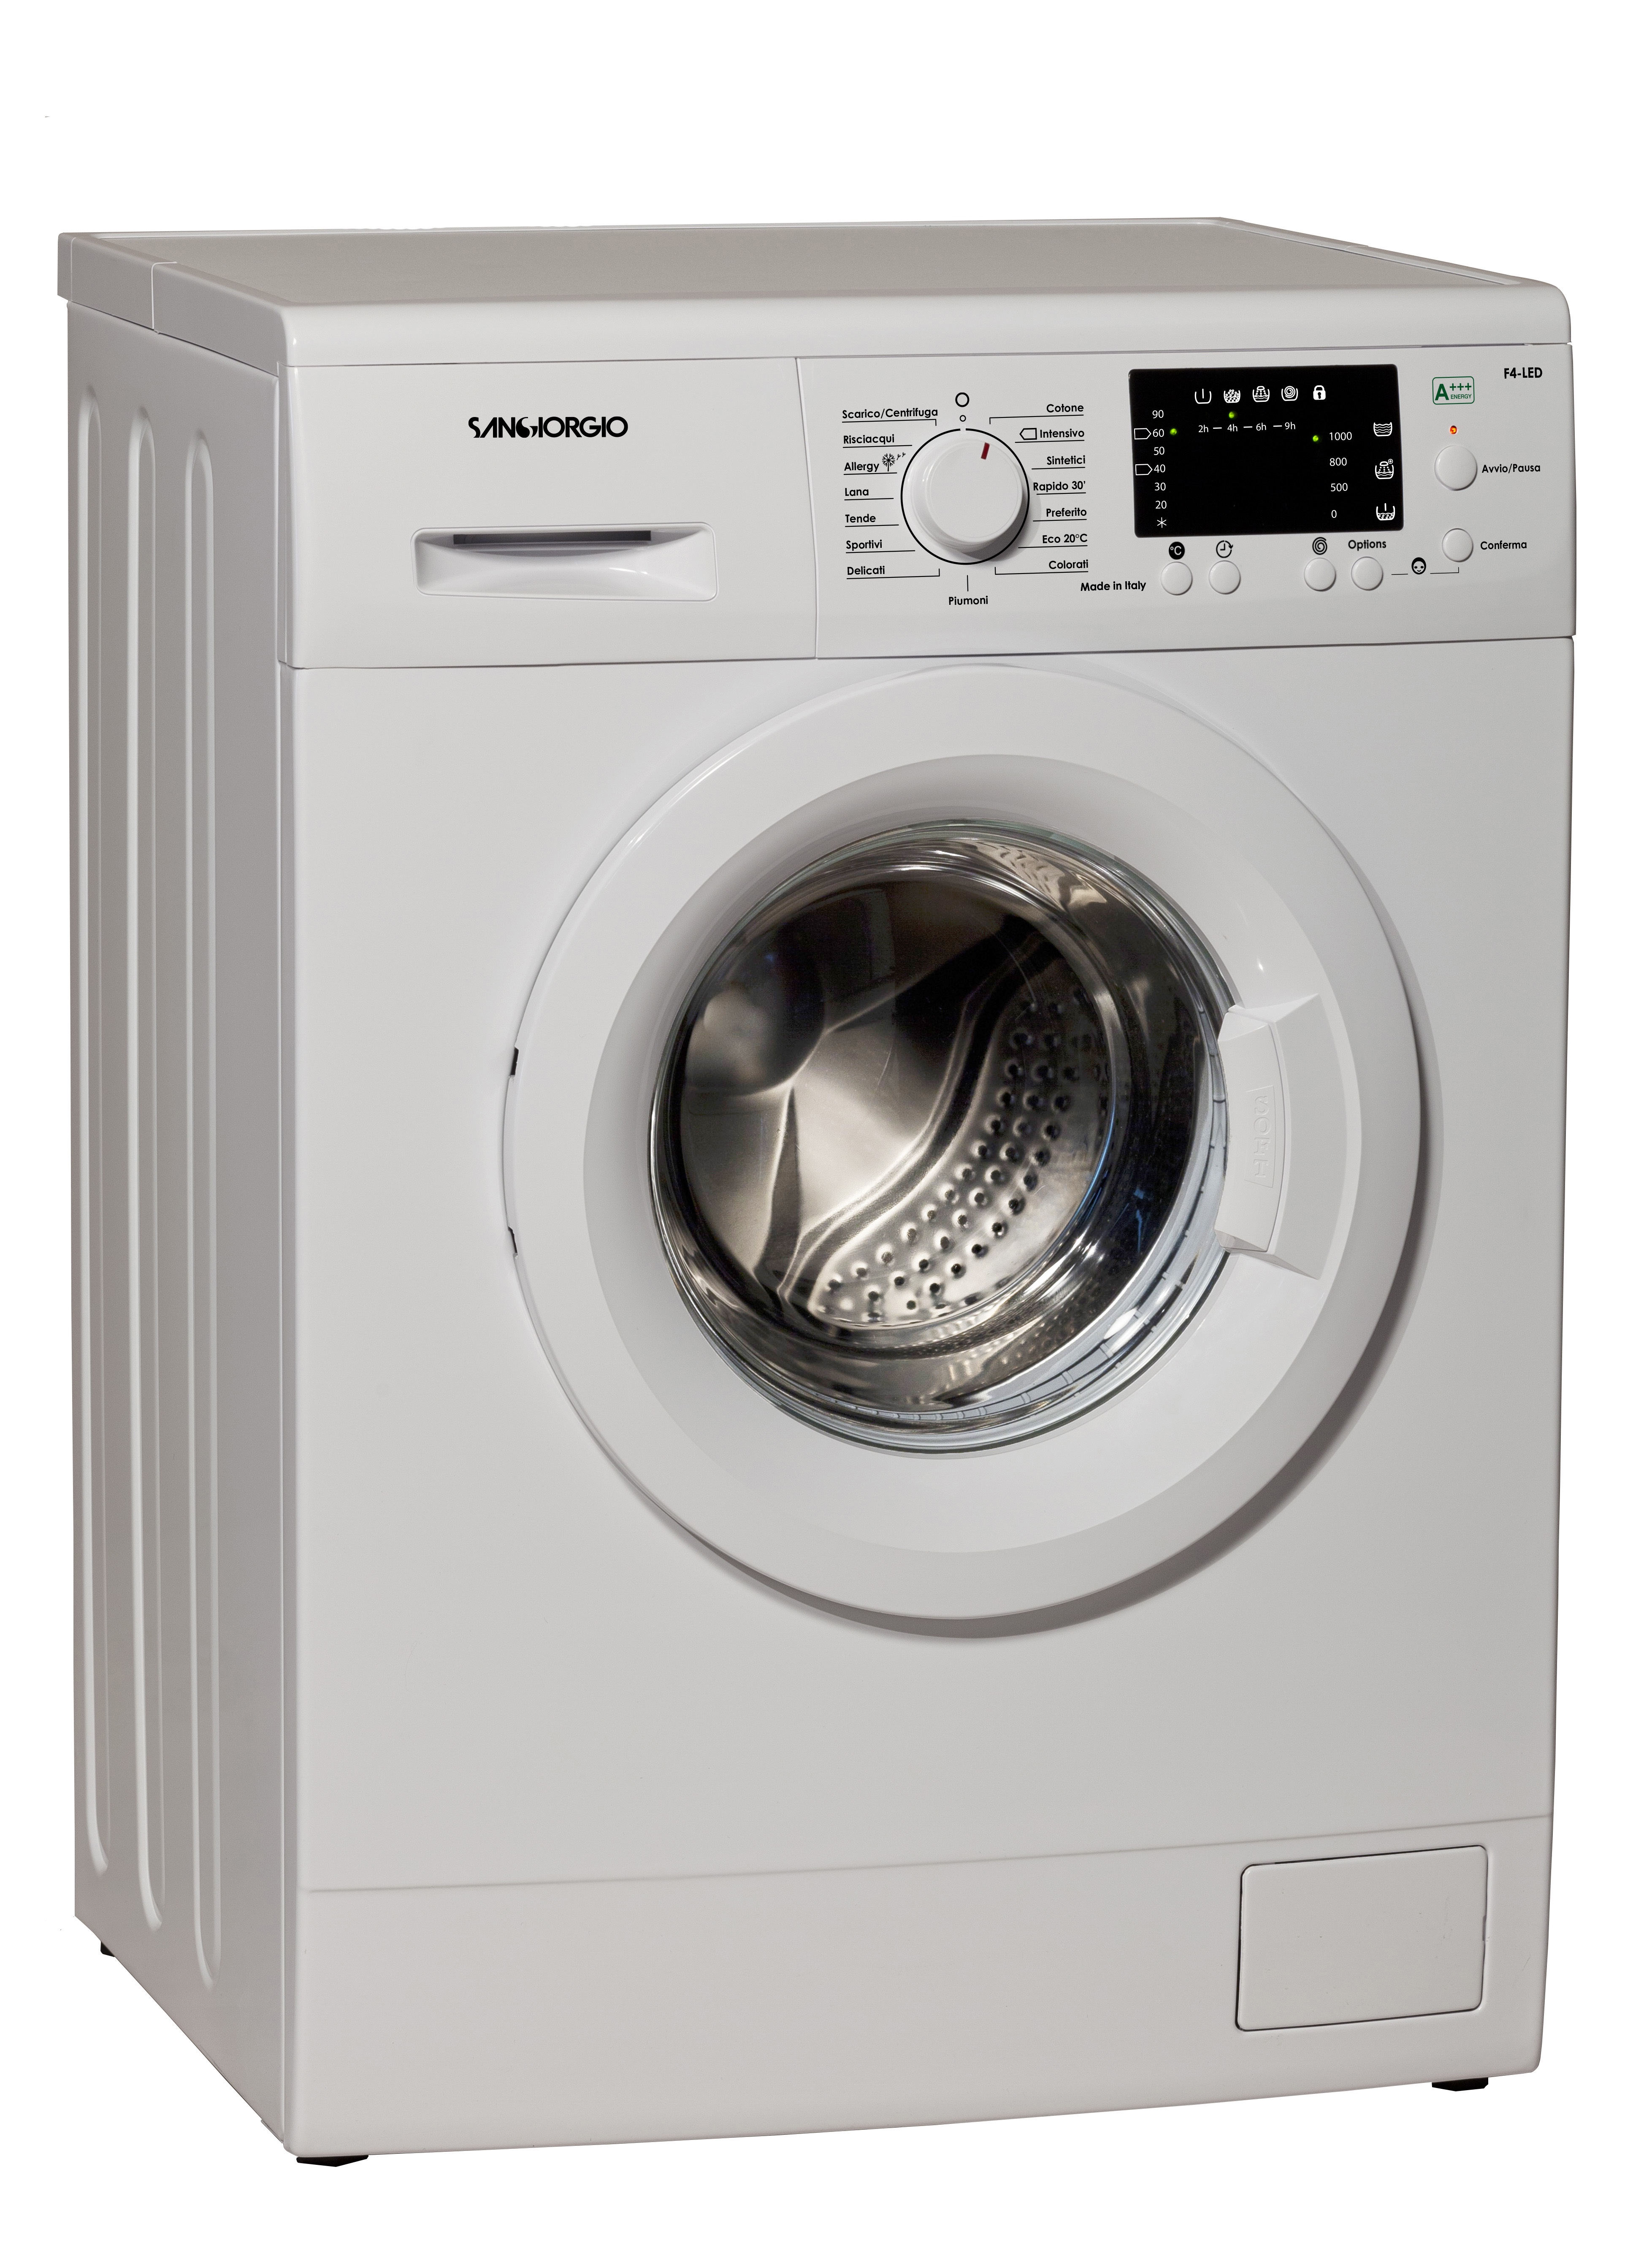 SanGiorgio F614BL lavatrice Caricamento frontale 6 kg 1400 Giri/min D Bianco